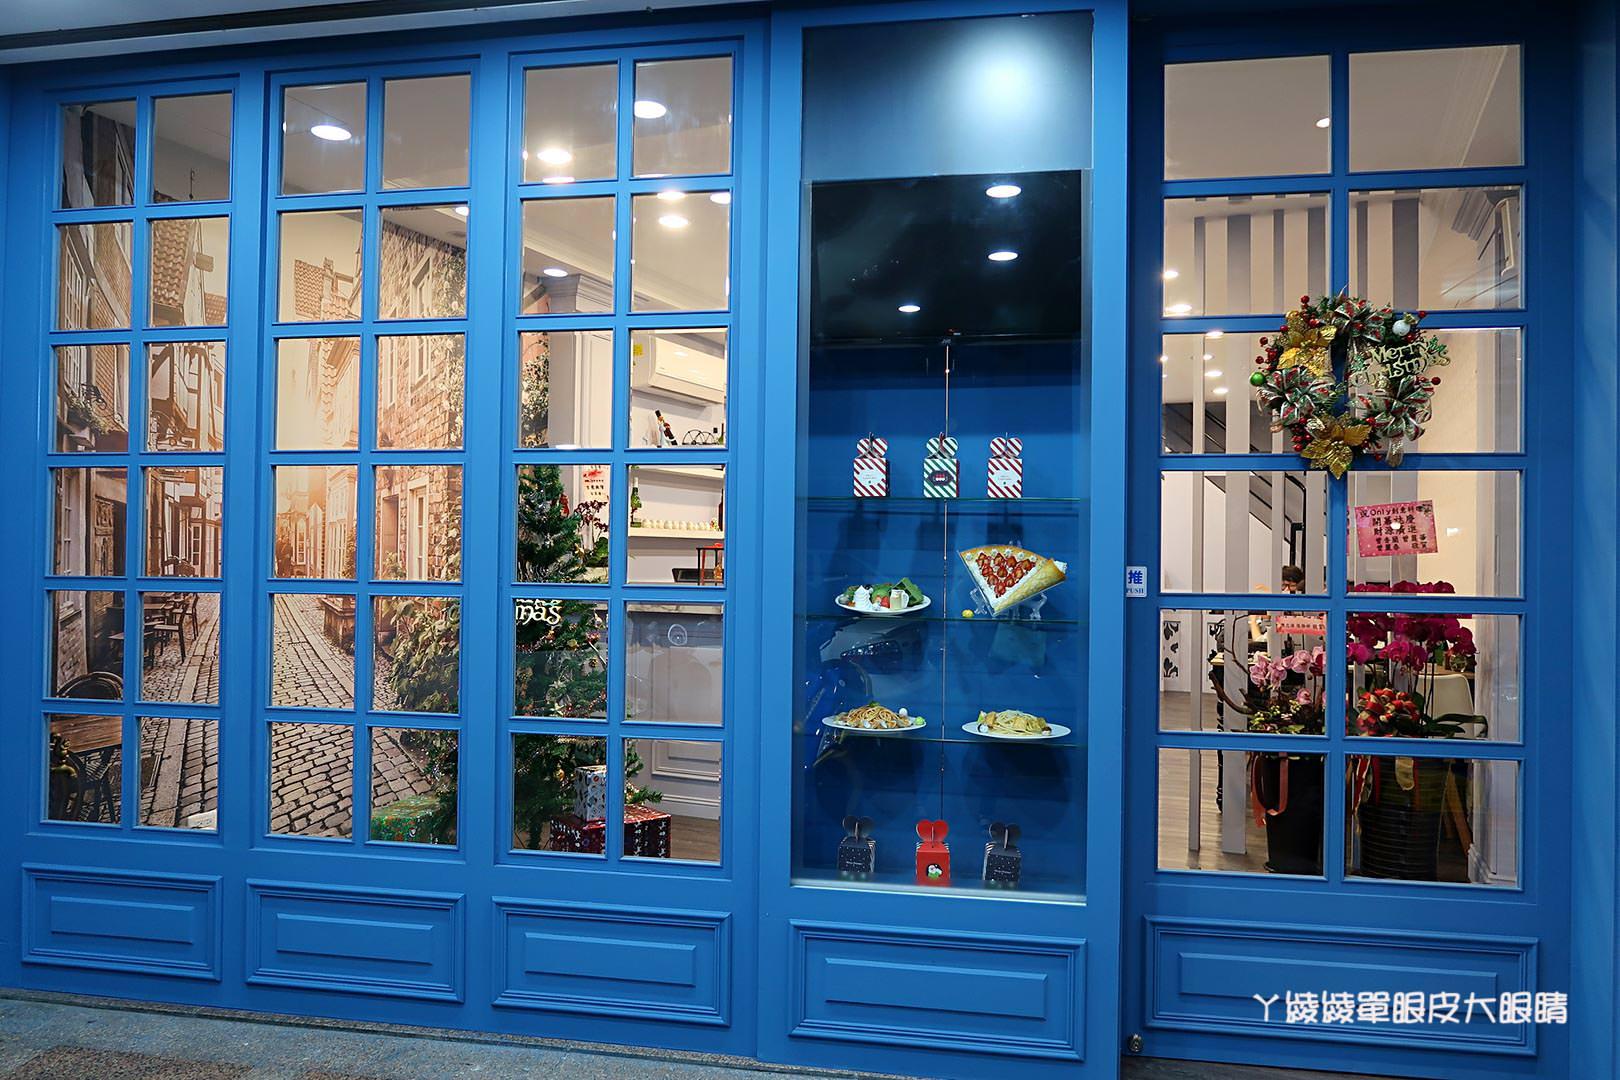 新竹大遠百附近Only創意料理!龍蝦義大利麵超霸氣,噴發少女心的草莓日式可麗餅